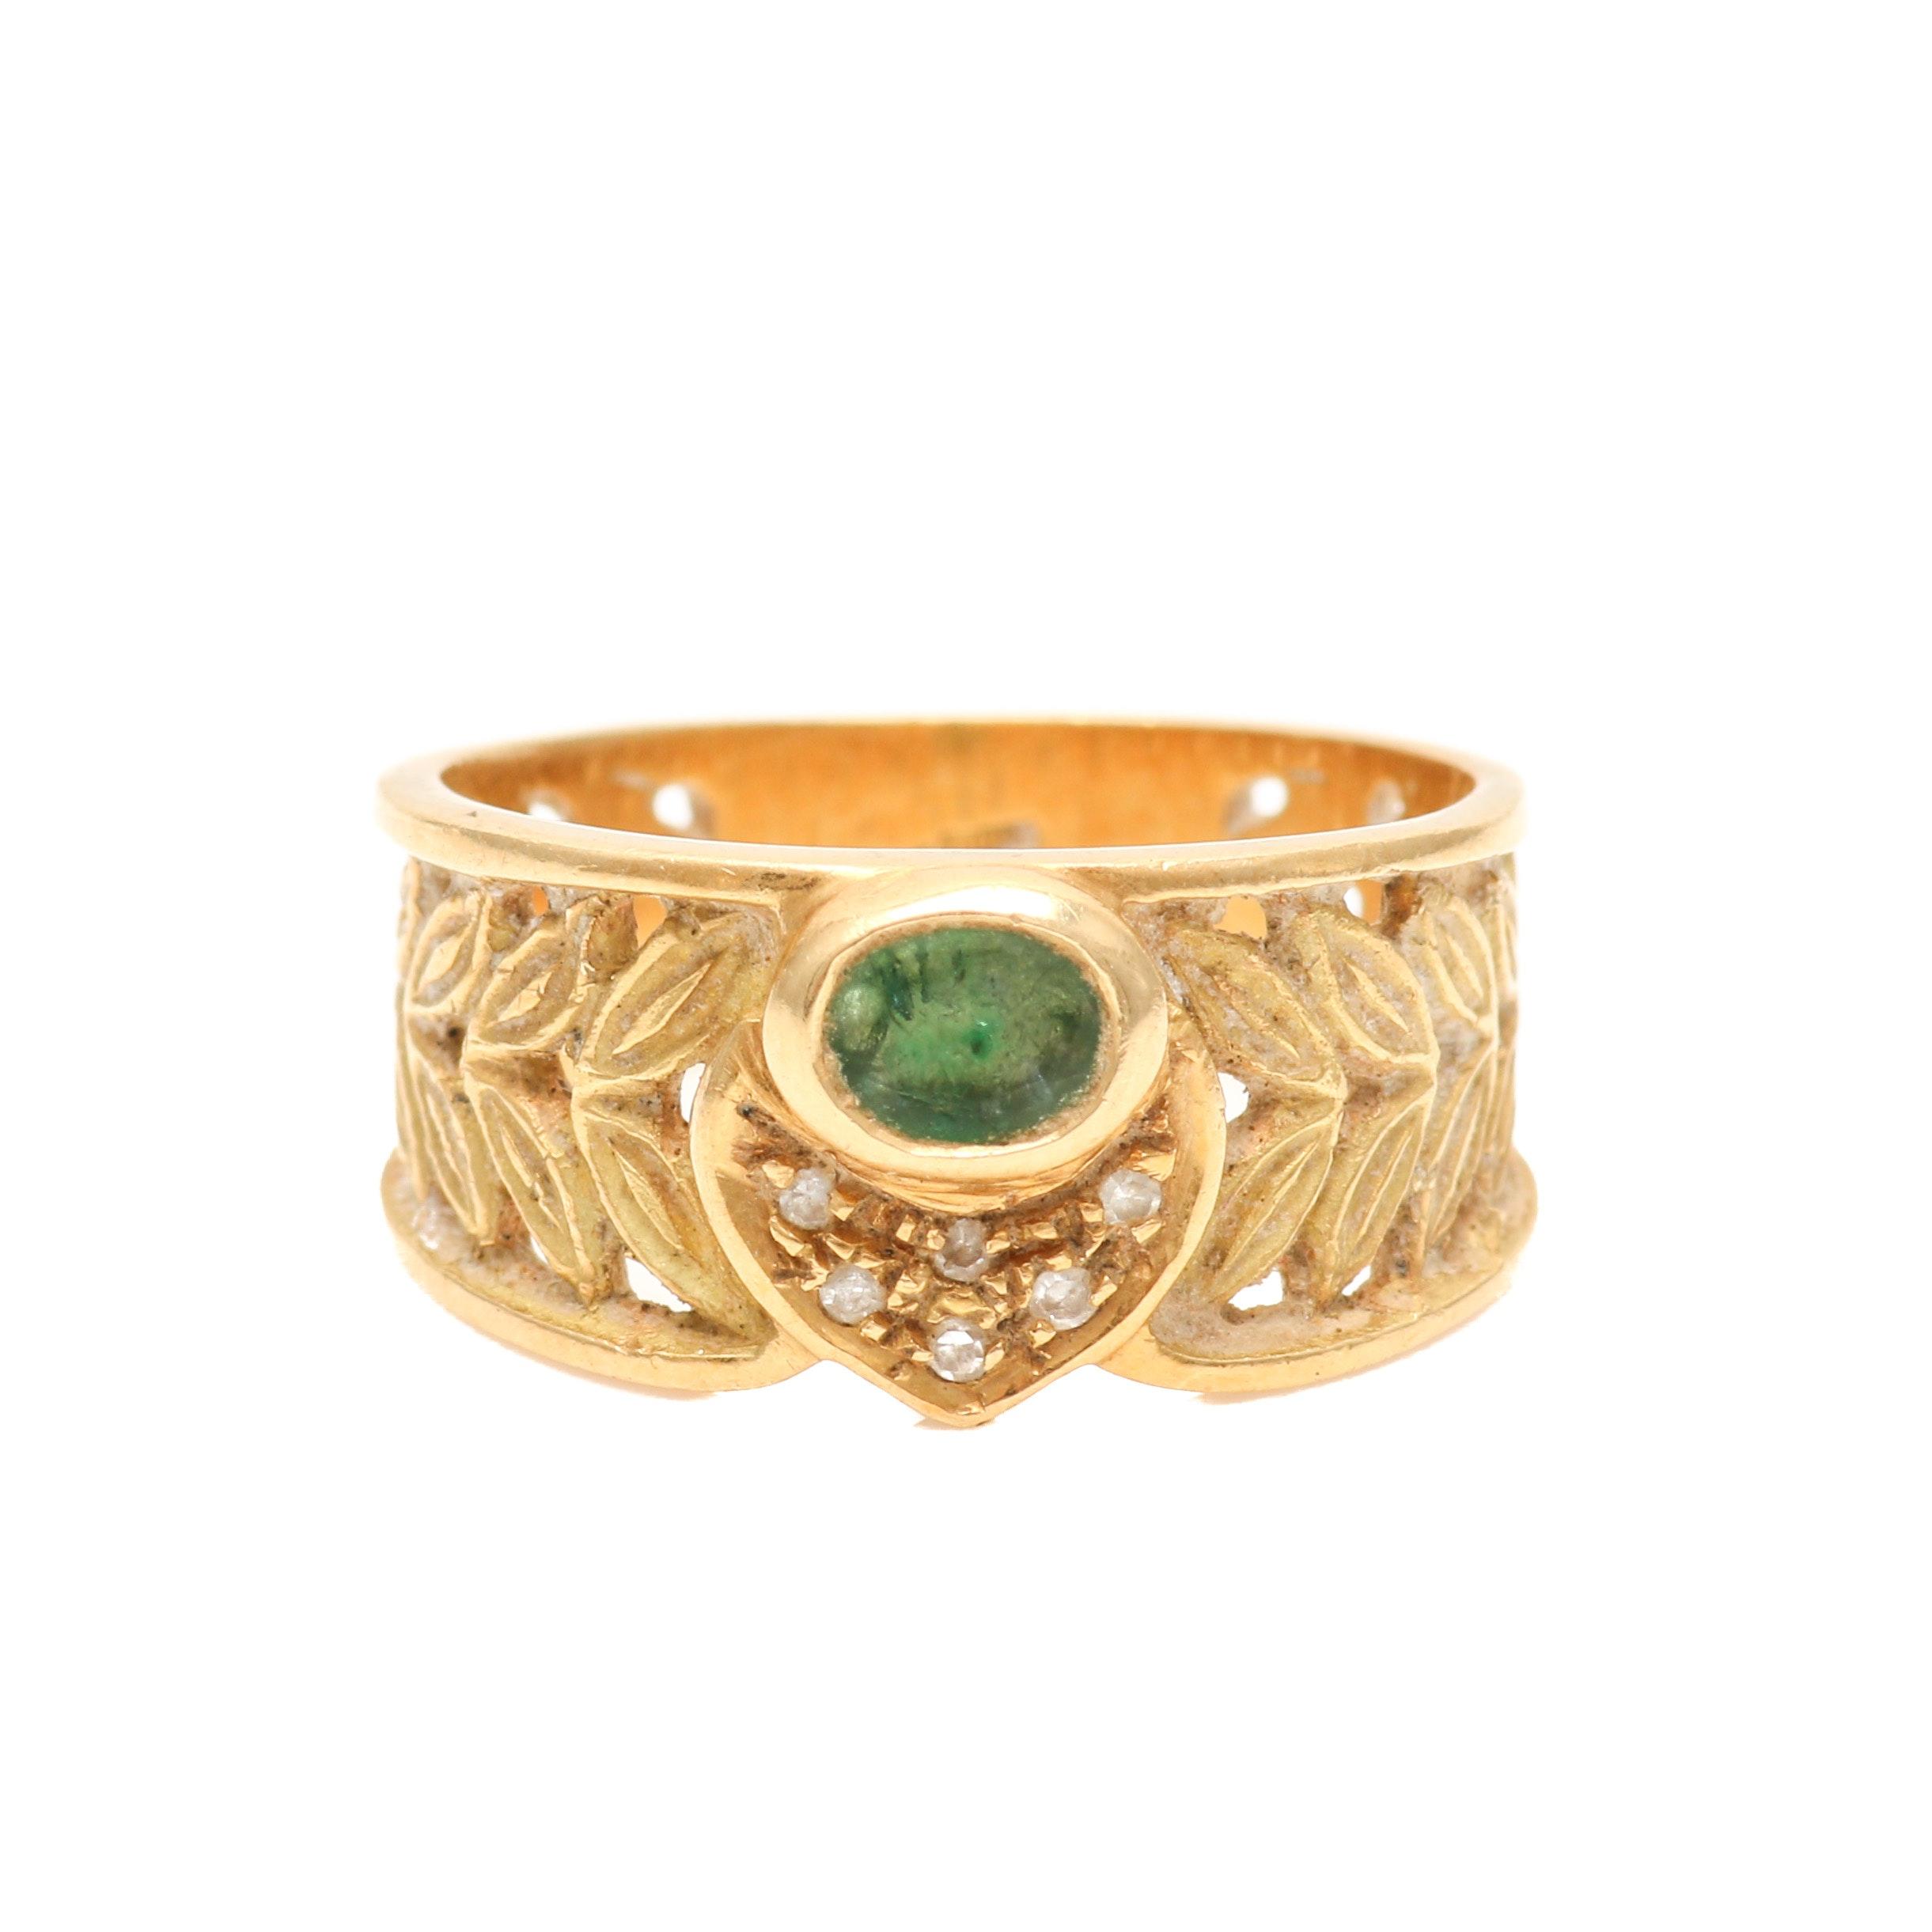 18K Yellow Gold Emerald and Diamond Foliage Motif Ring